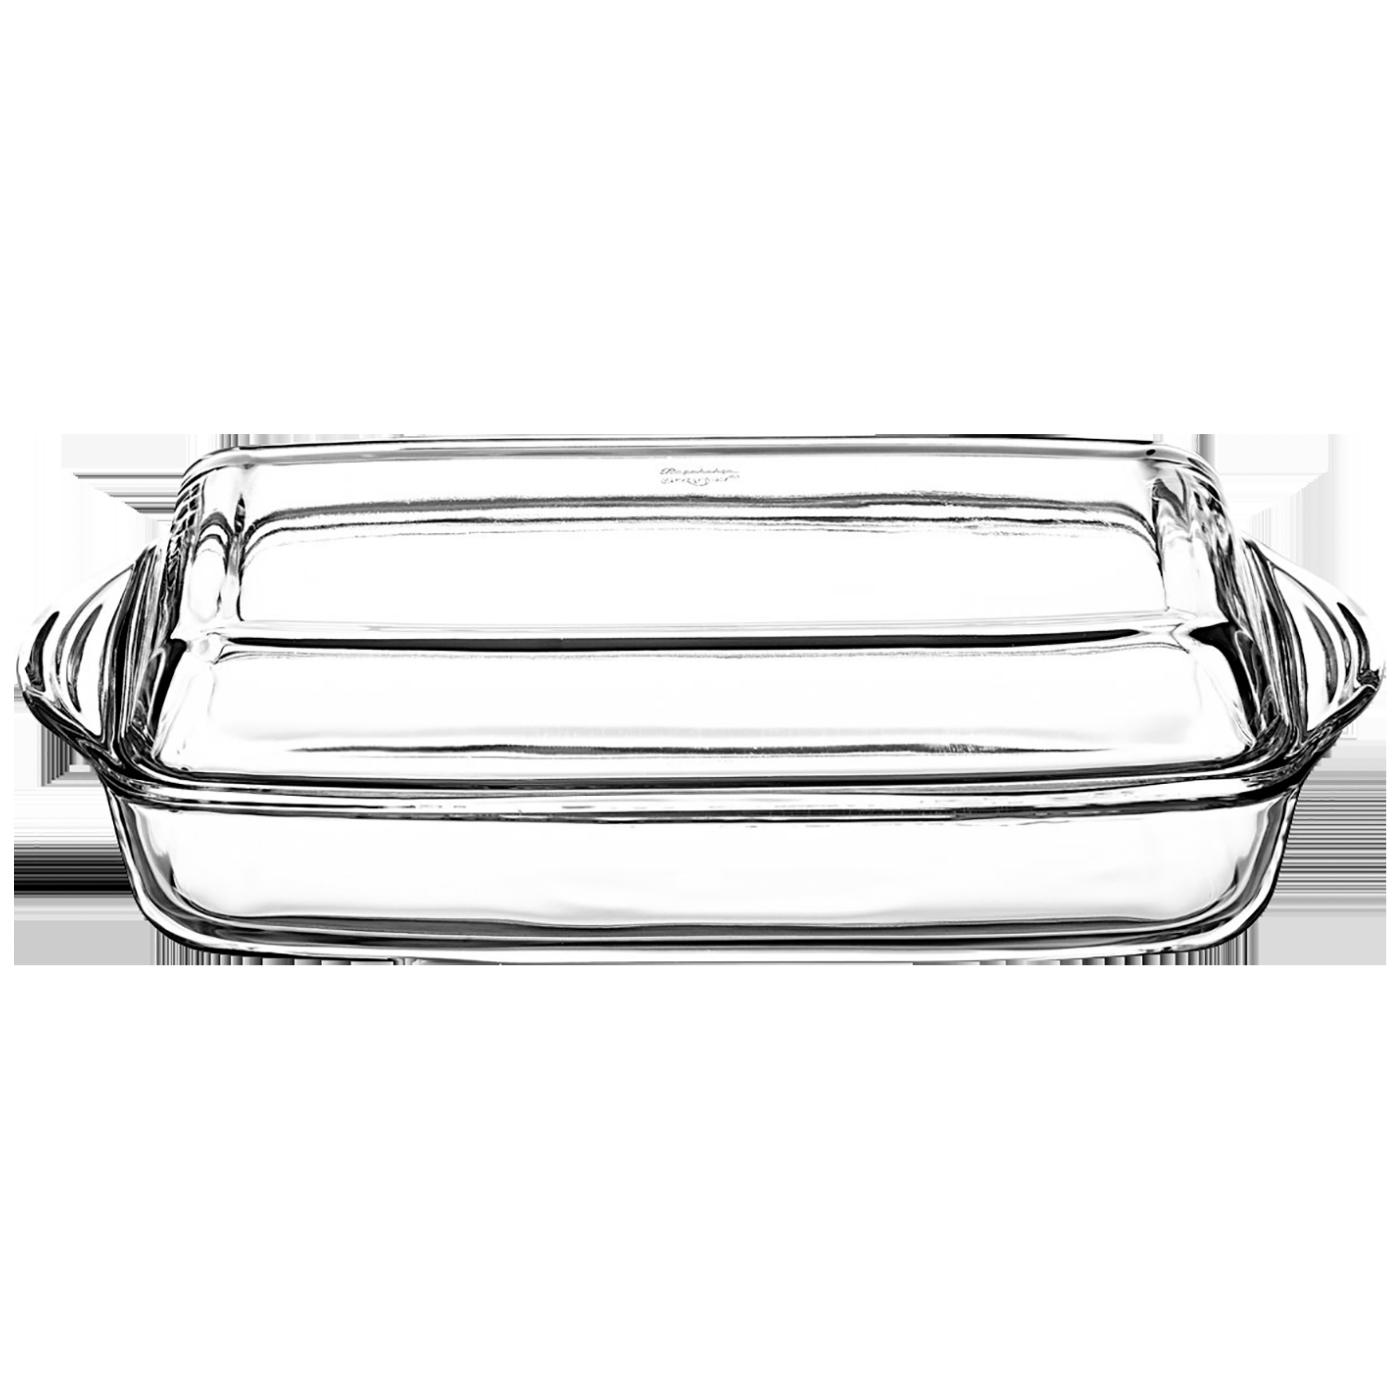 Zdjela, vatrostalna, 2.75lit